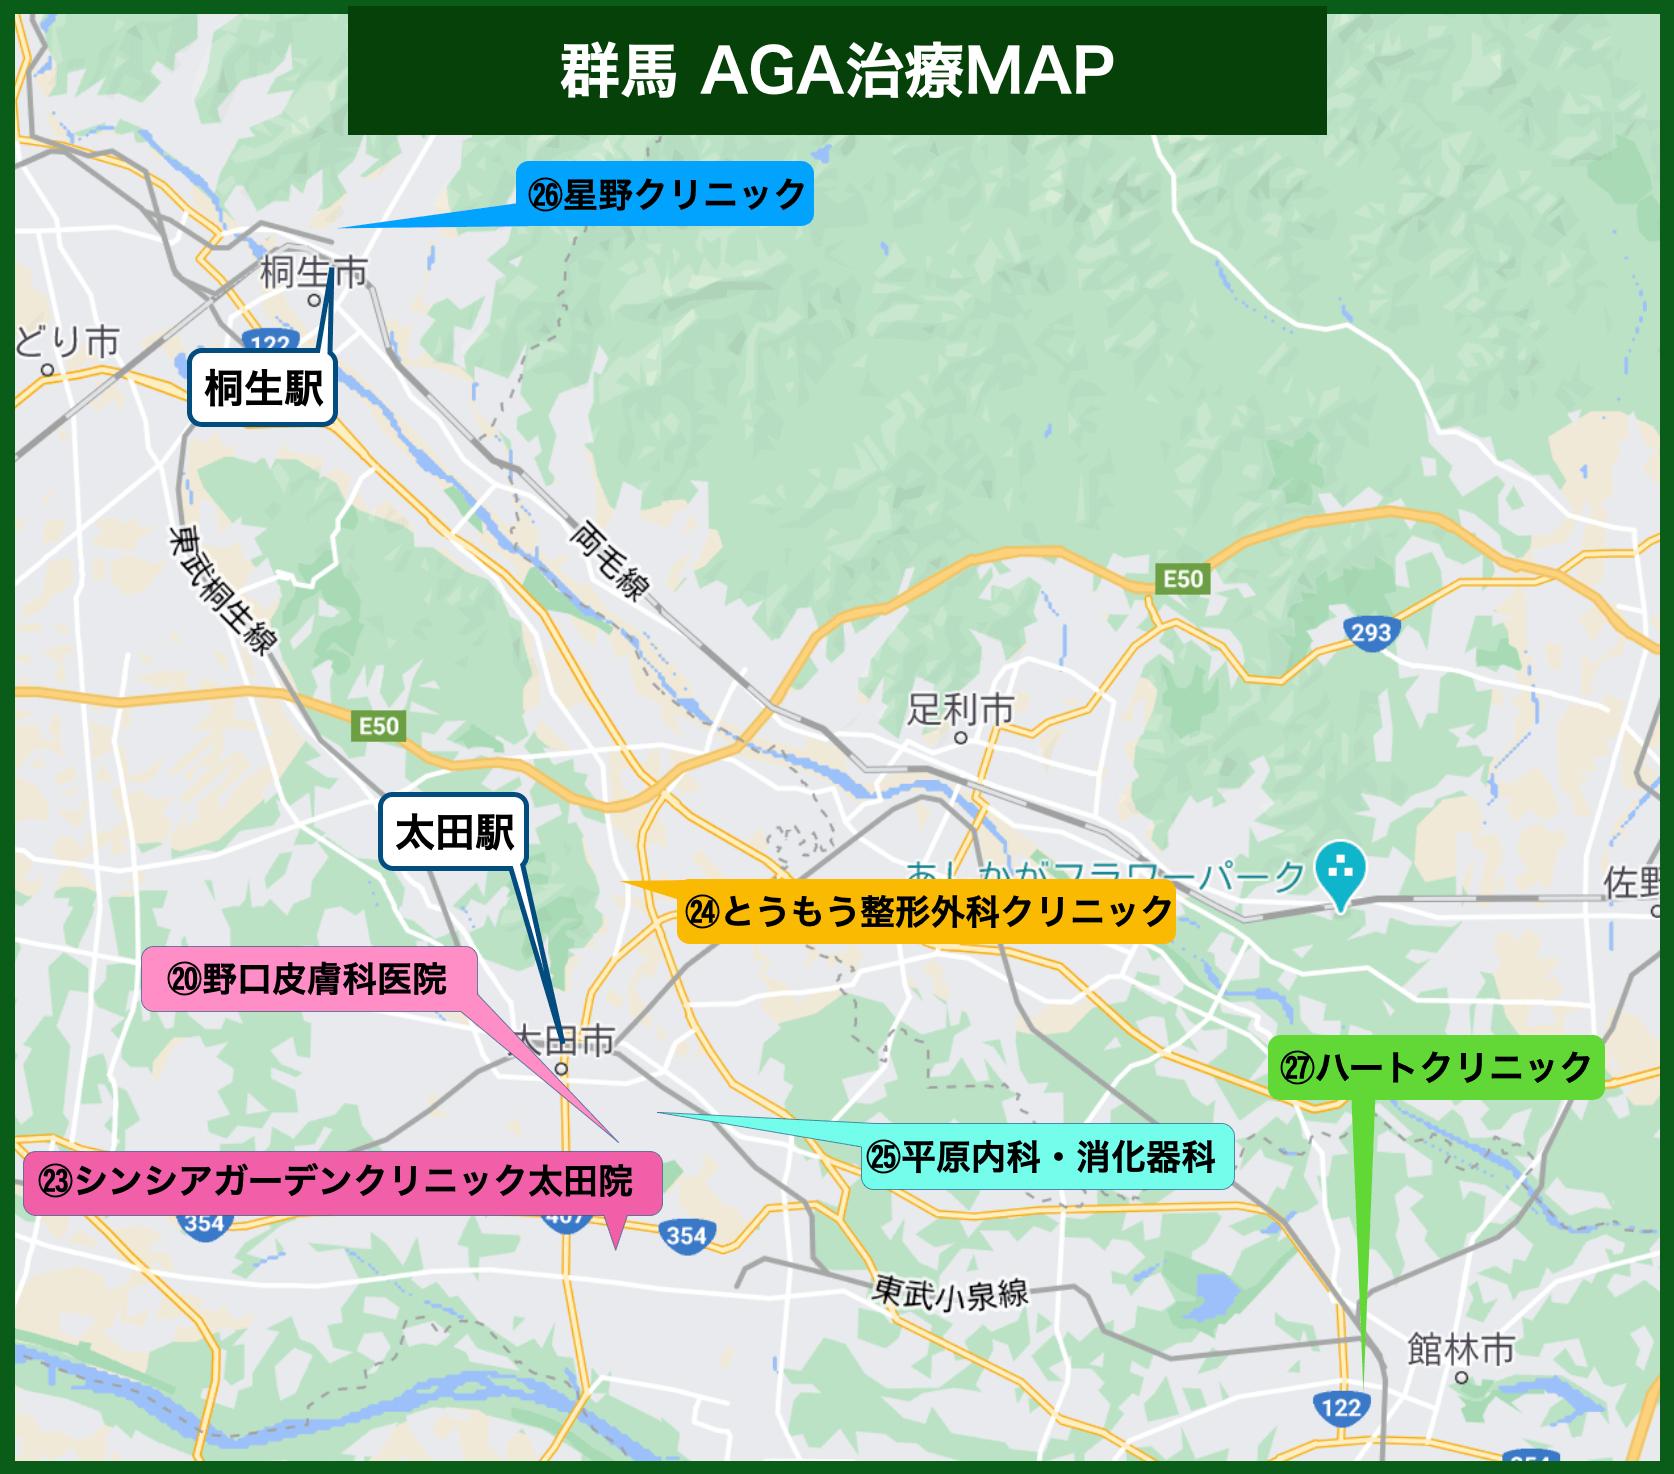 群馬のAGA治療院マップイメージ